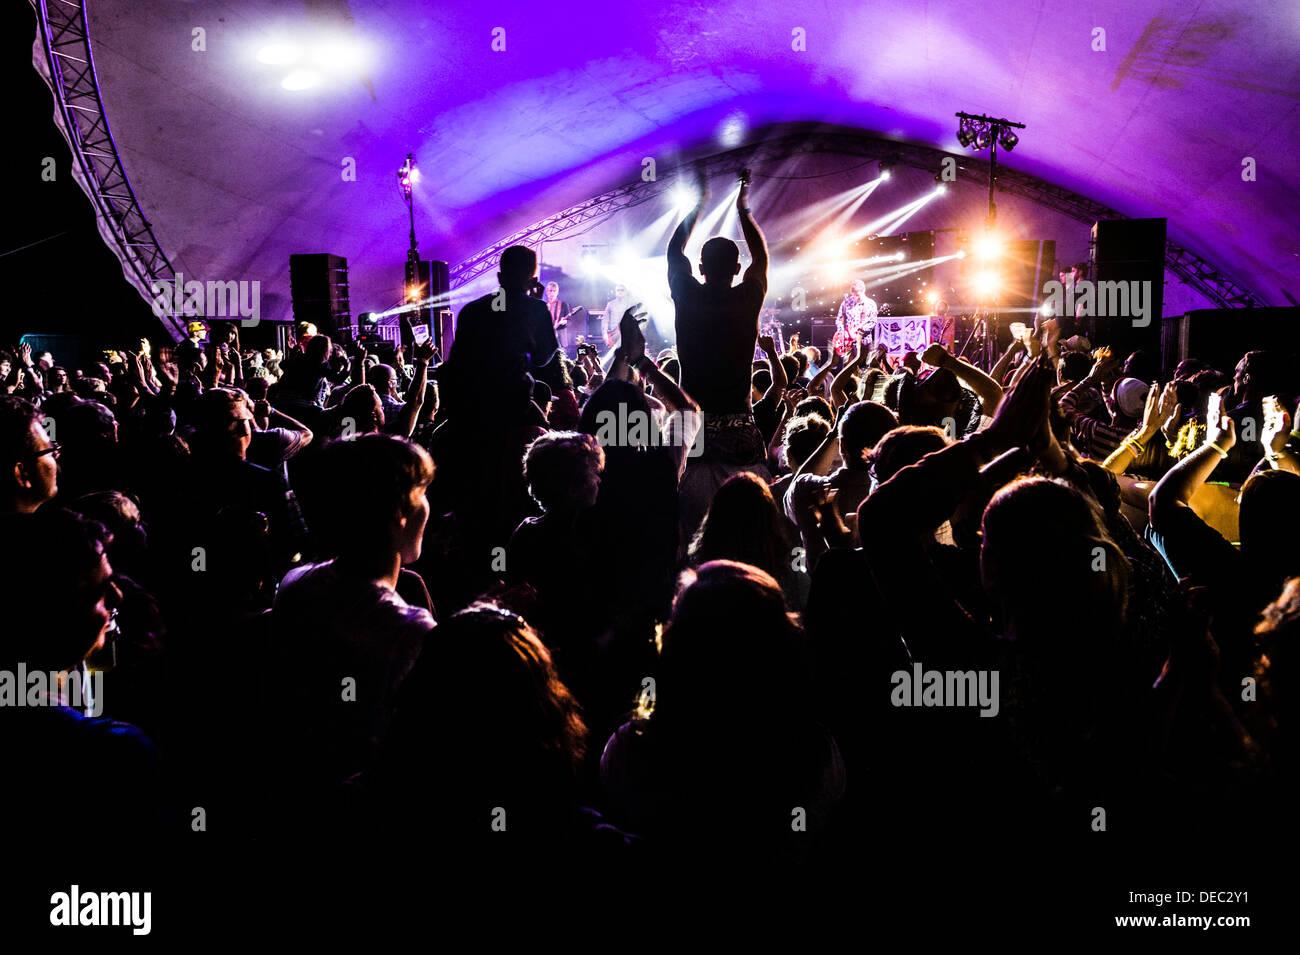 Massen von Menschen, die Musik auf dem großen Tribute Music Festival, August Bank Holiday Wochenende genießen Sommer Wales UK Stockbild